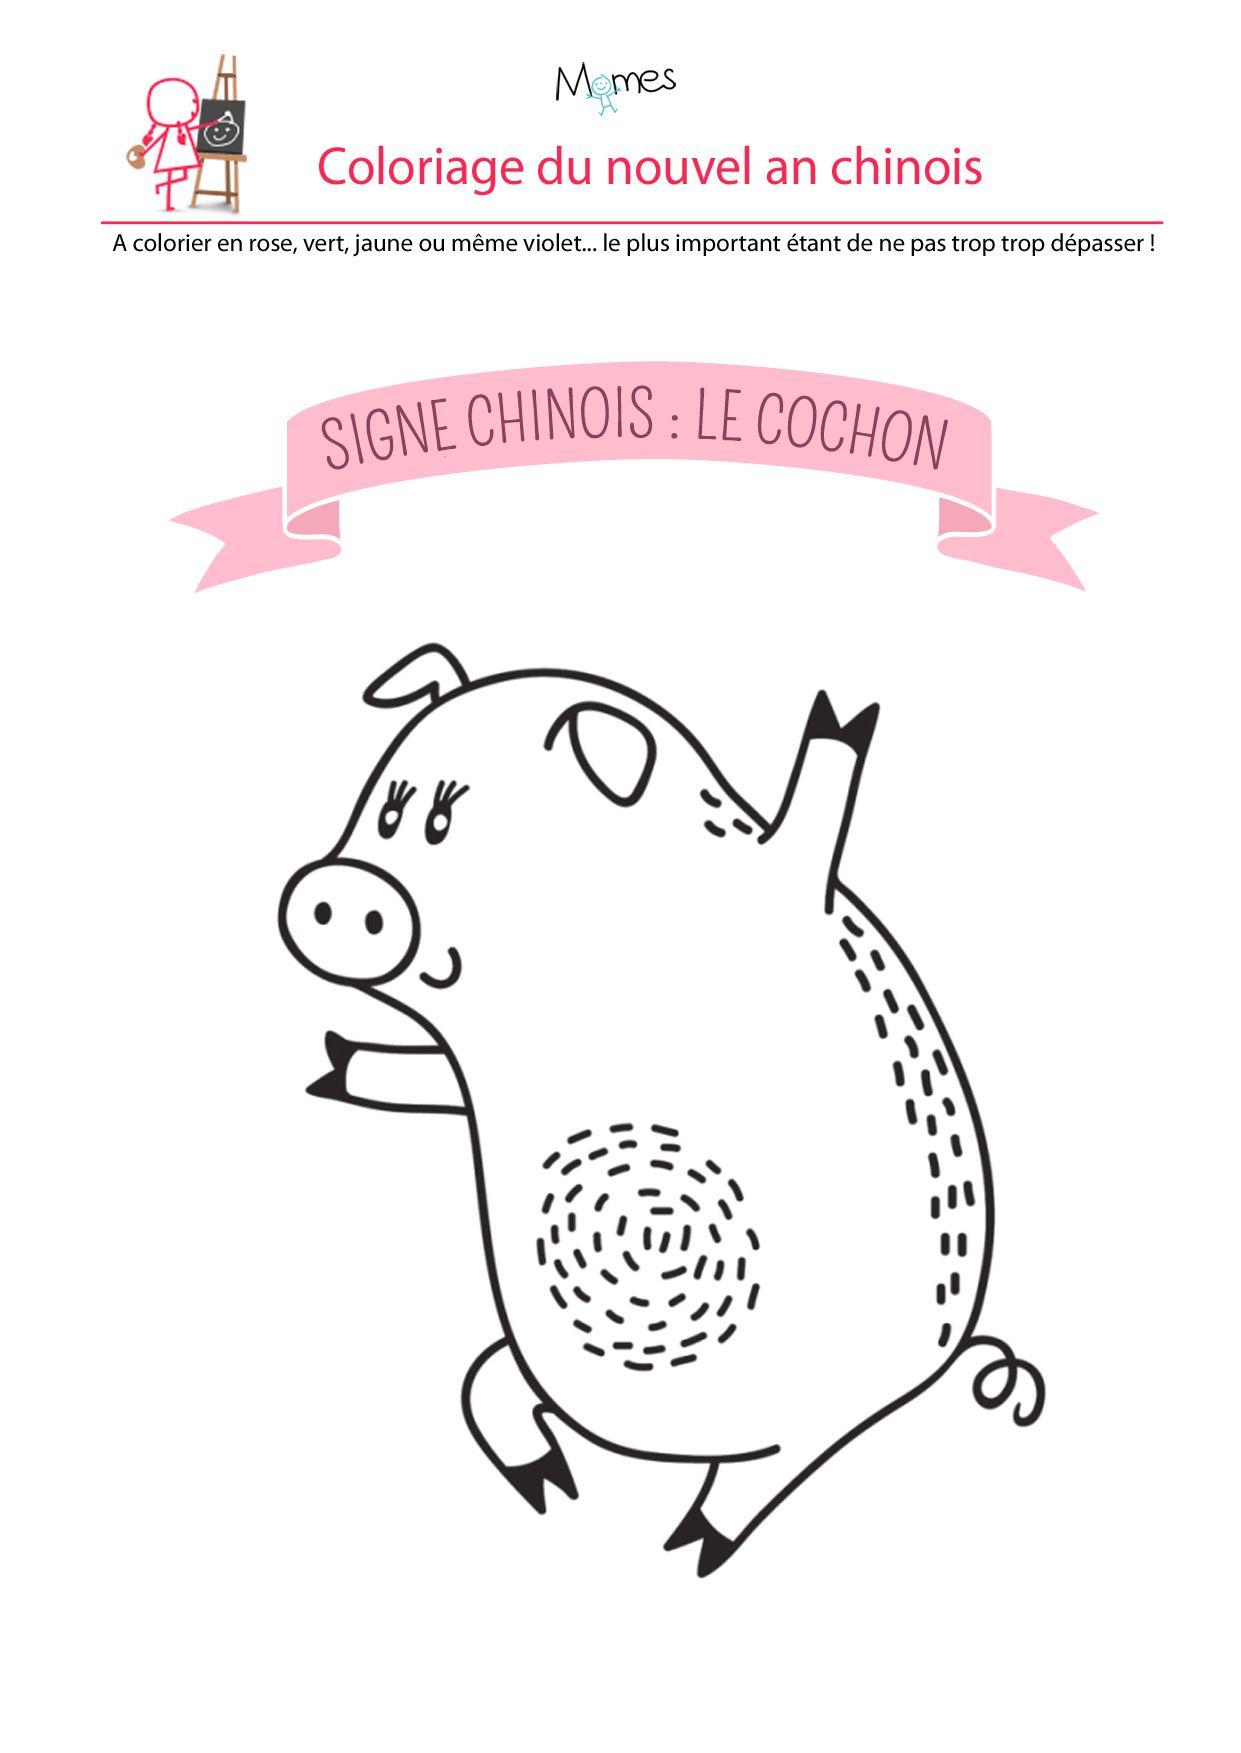 Coloriage Tete De Cochon.Coloriage Du Calendrier Chinois Le Cochon Feter Le